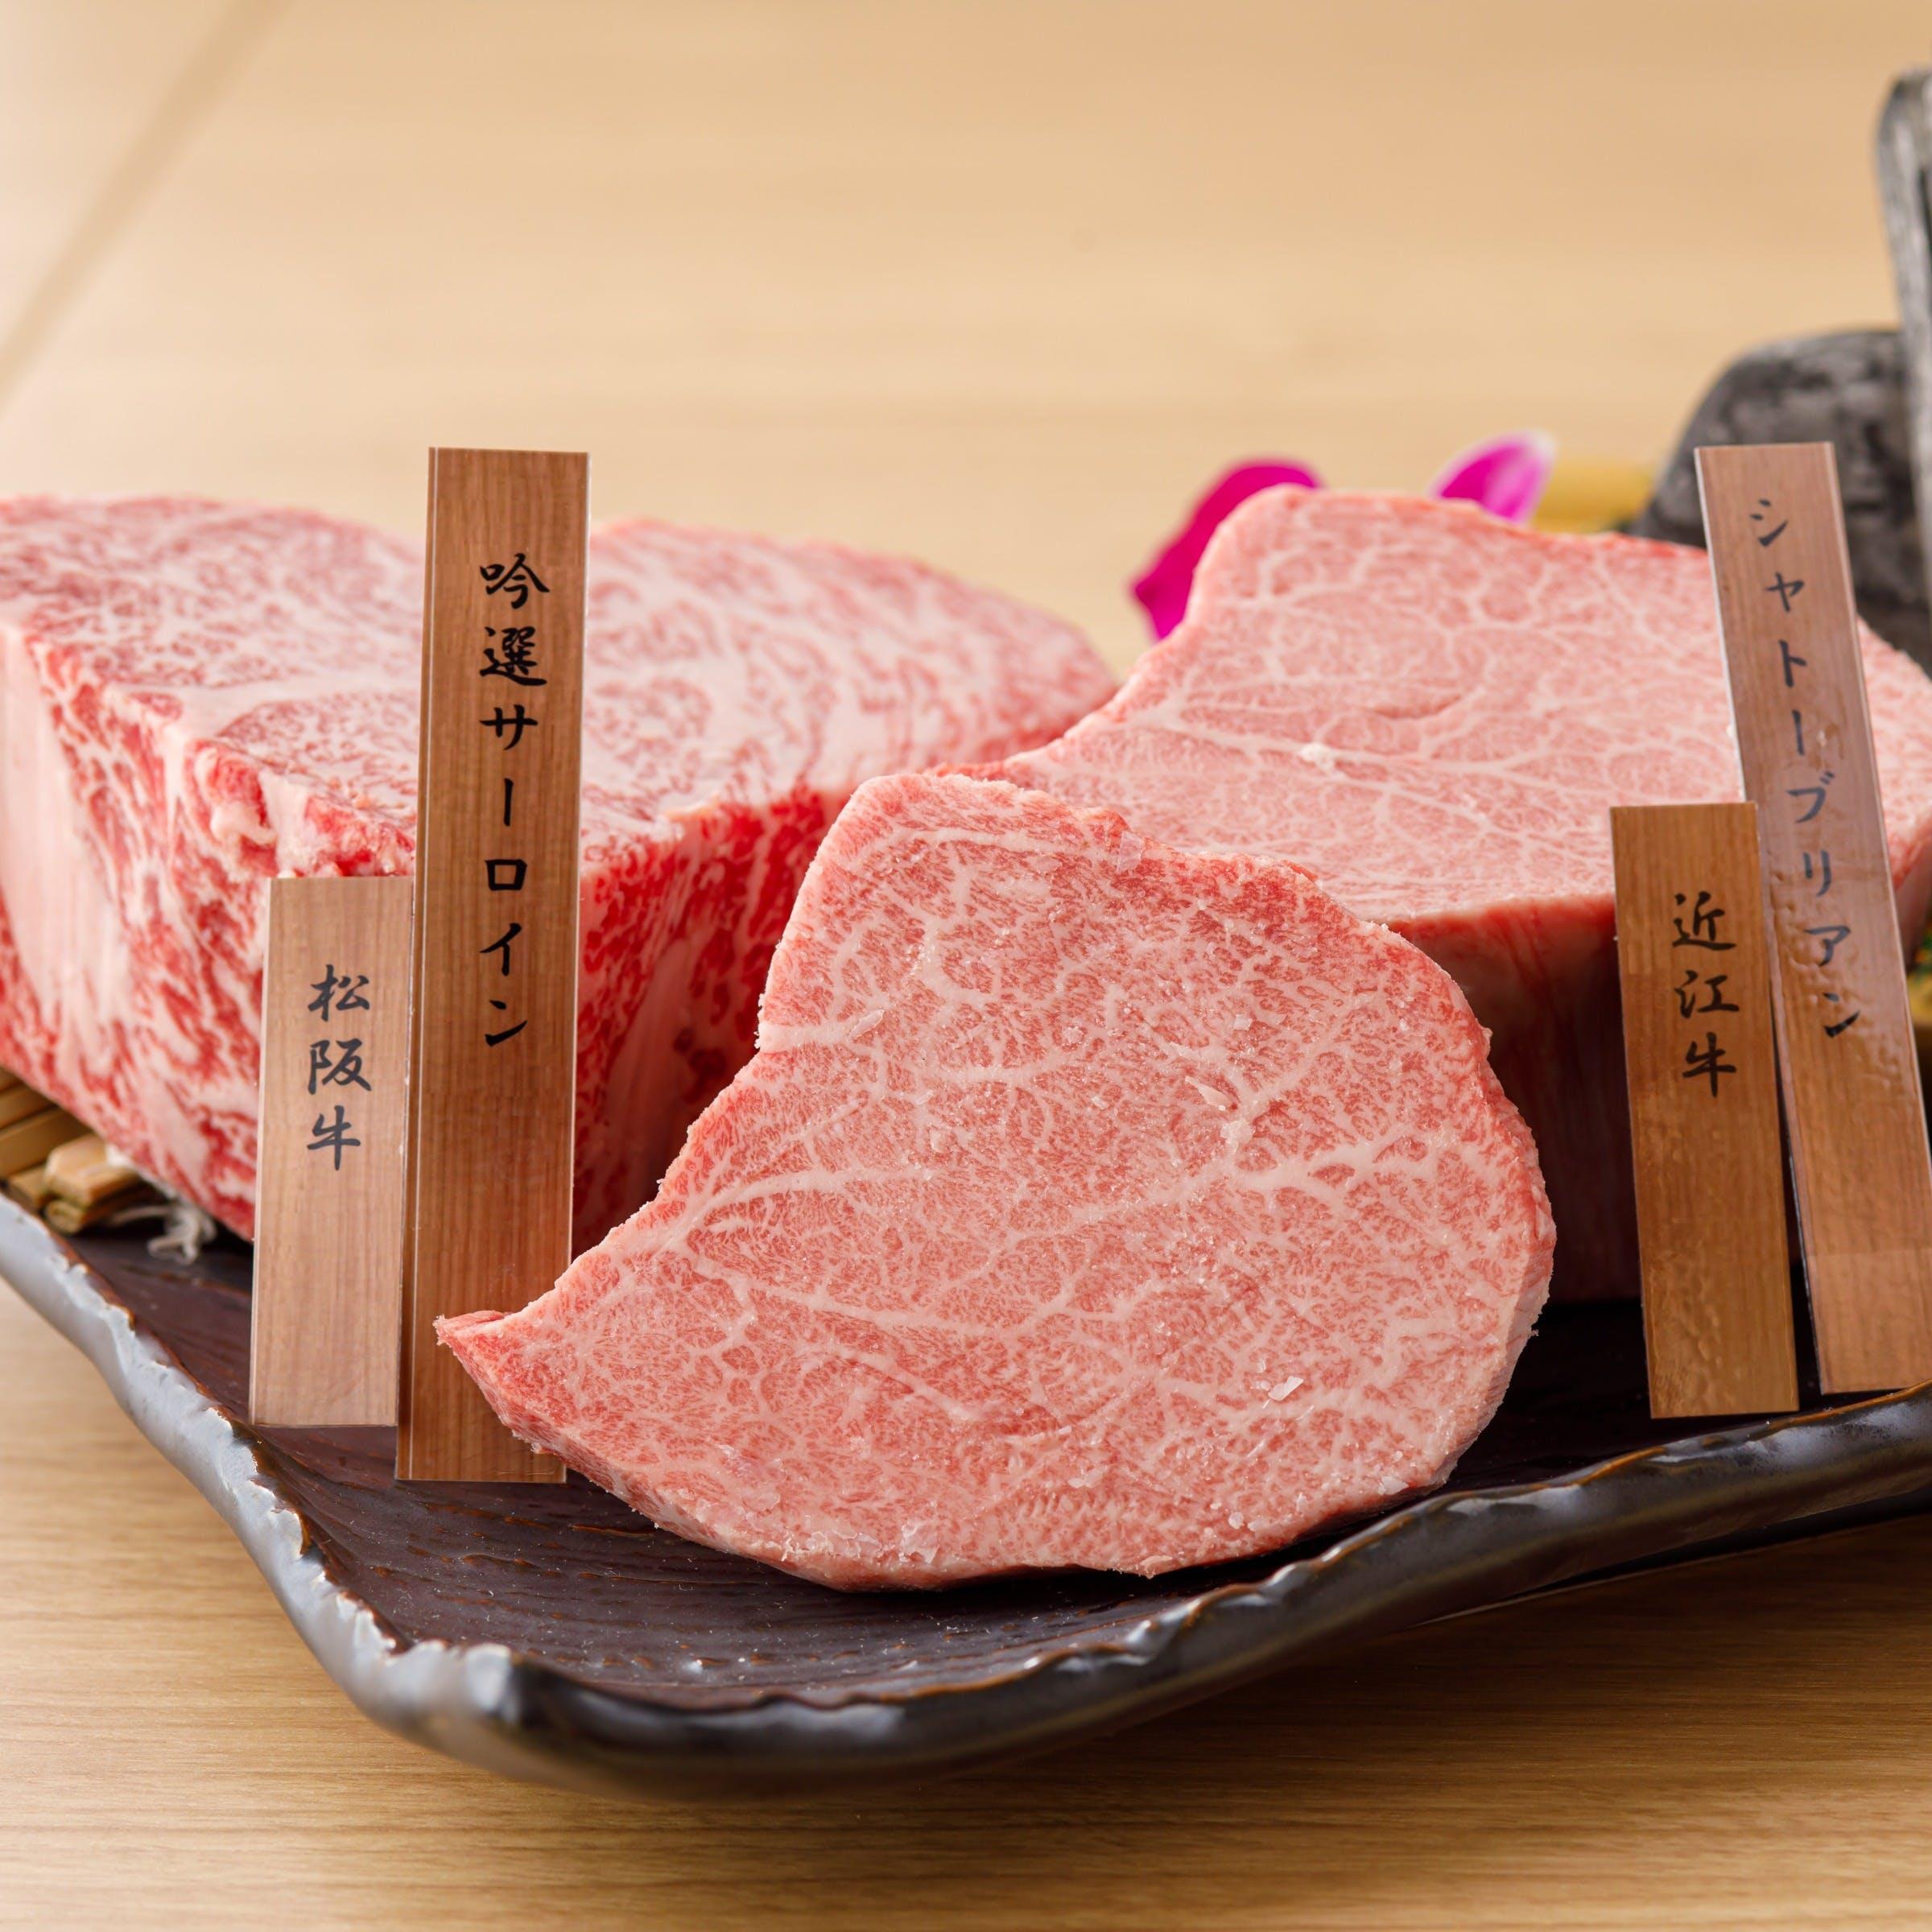 日本三大和牛を一度に楽しむ